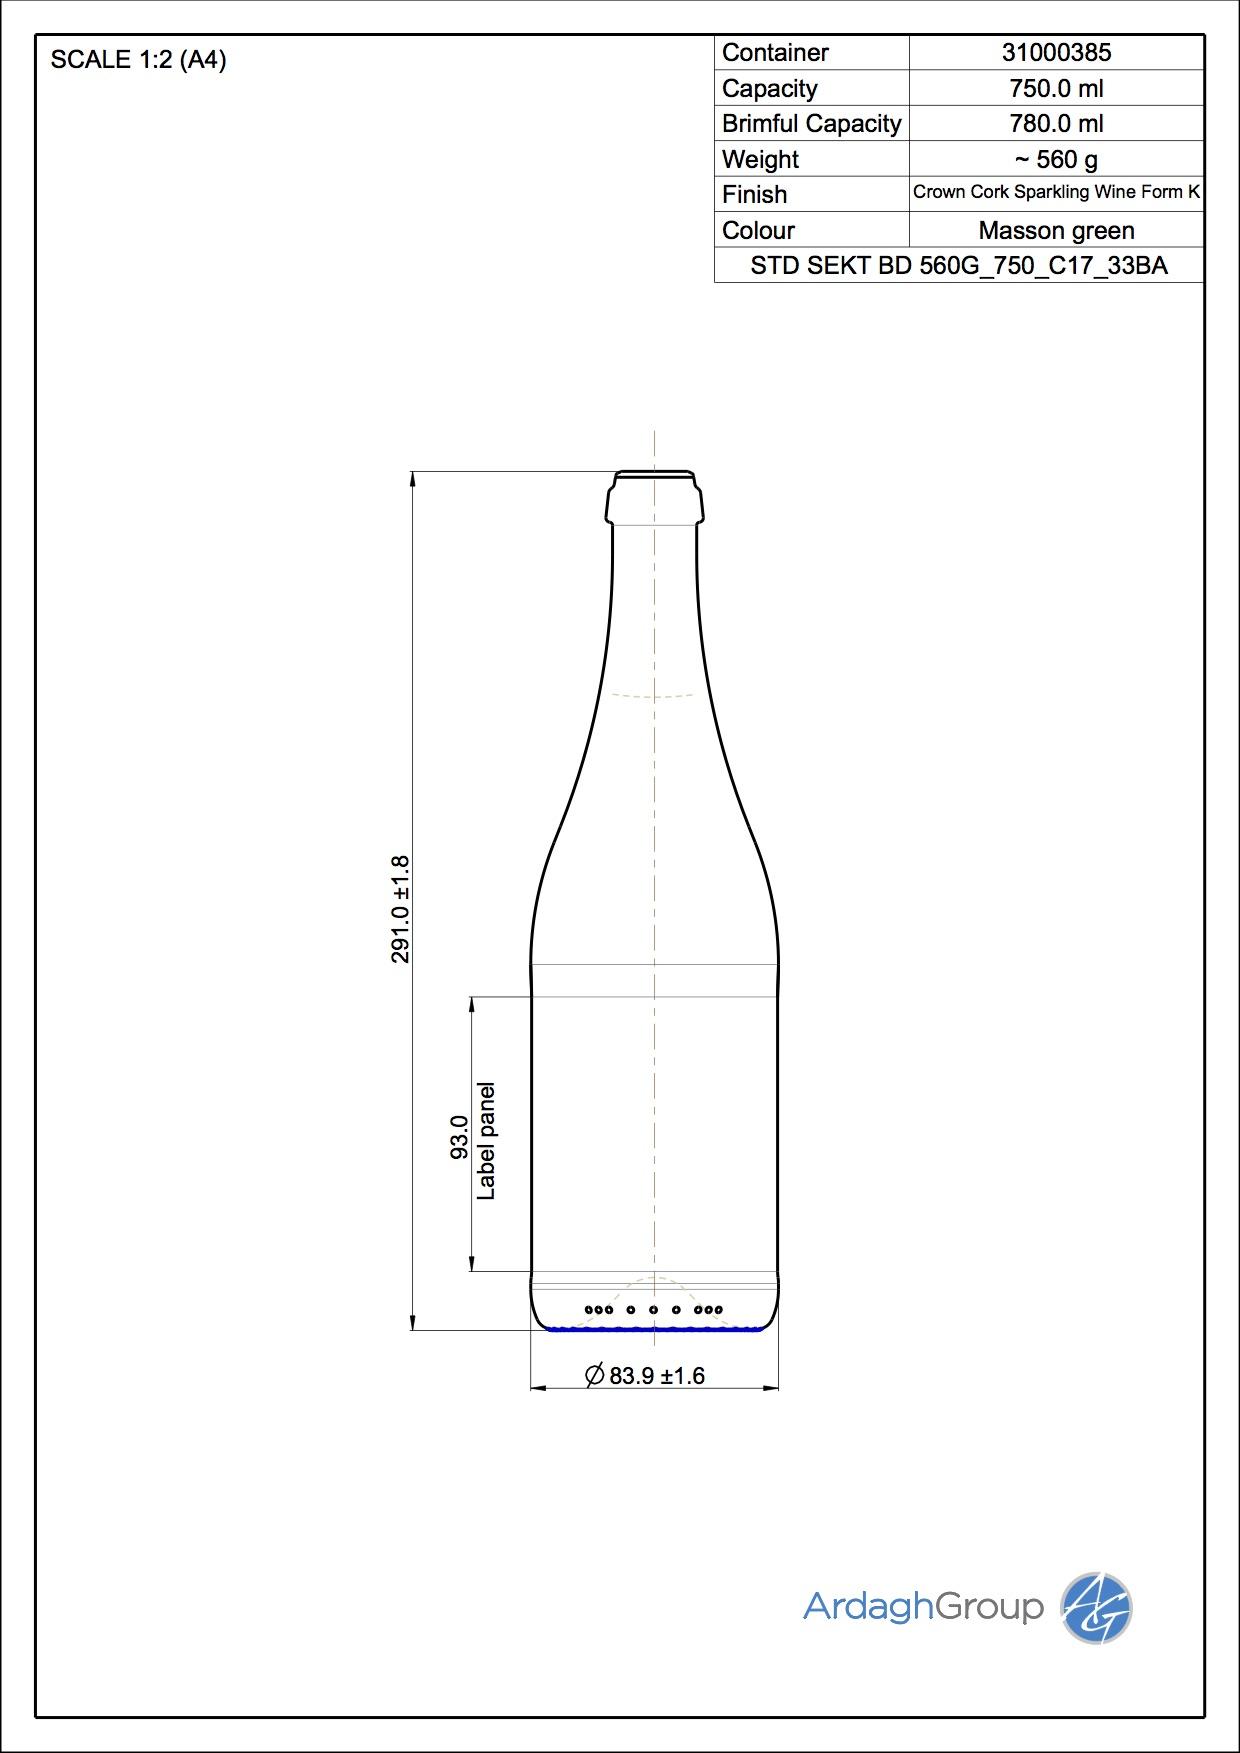 750ml green glass Sekt BD oneway wine bottle